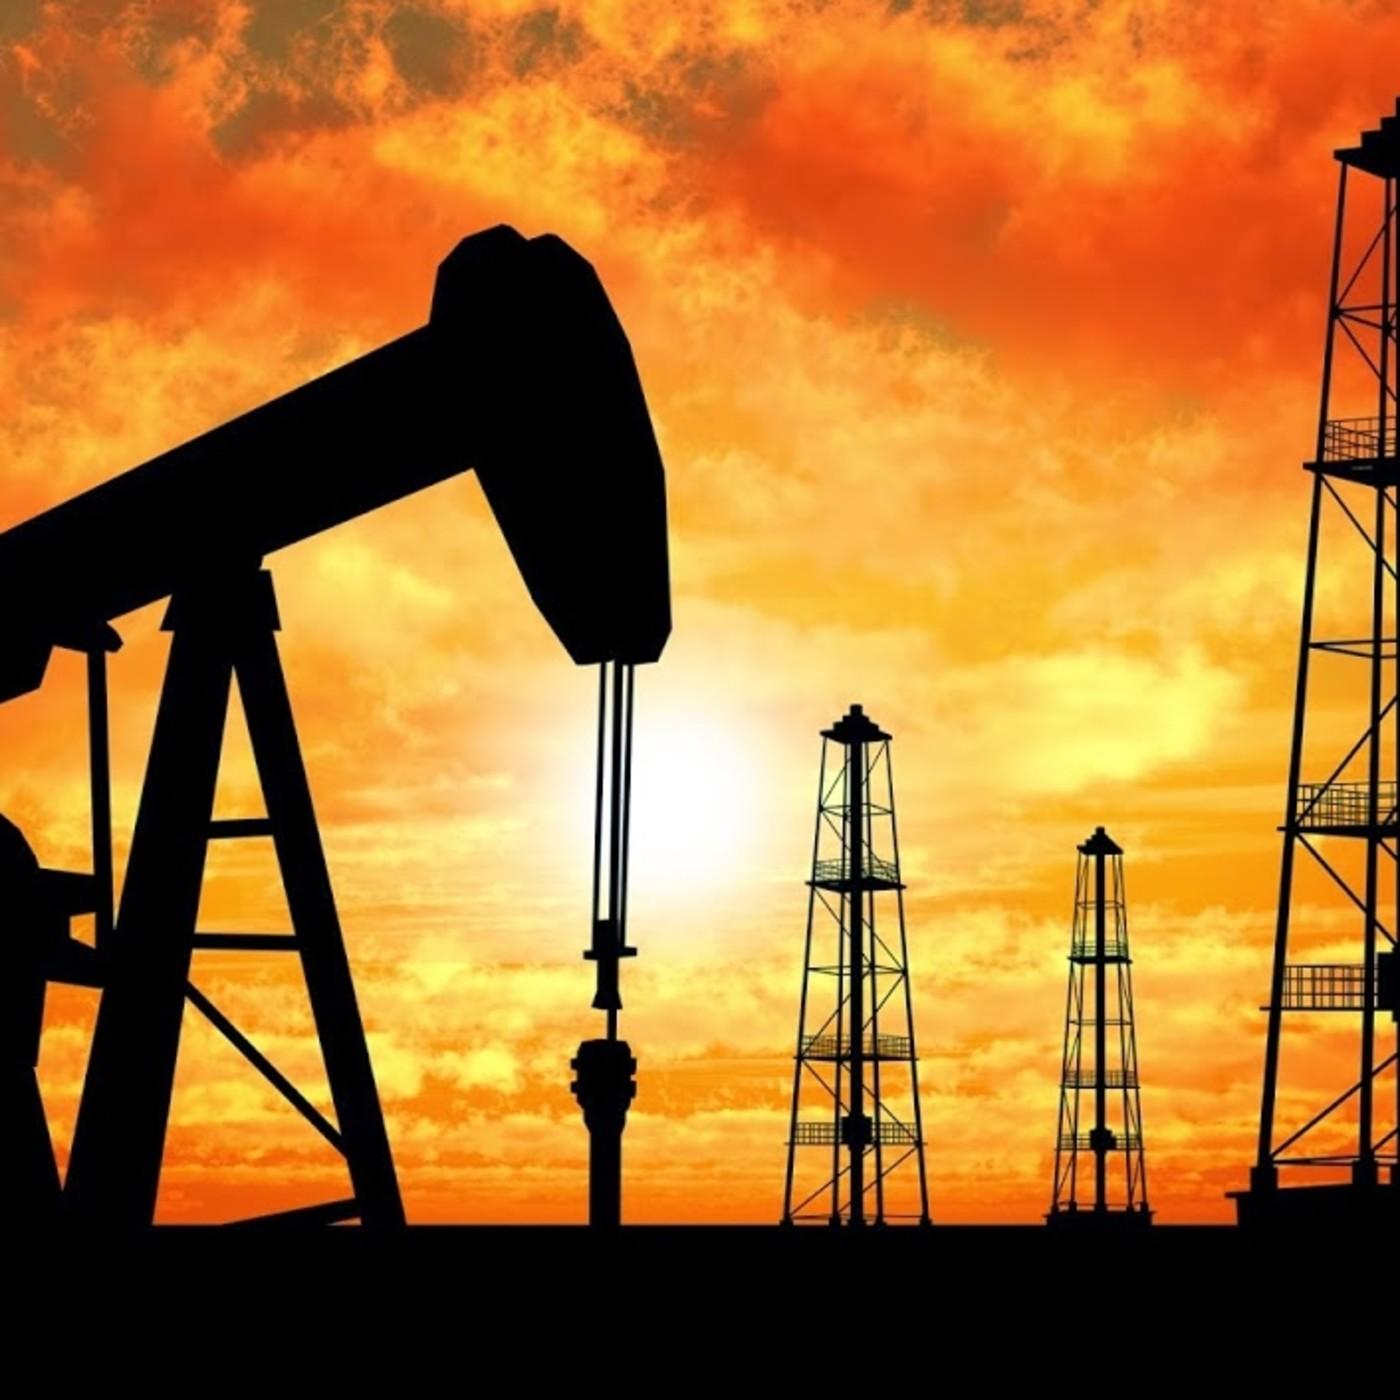 #7 Financast - Oil&Gas - J.I Del Castillo